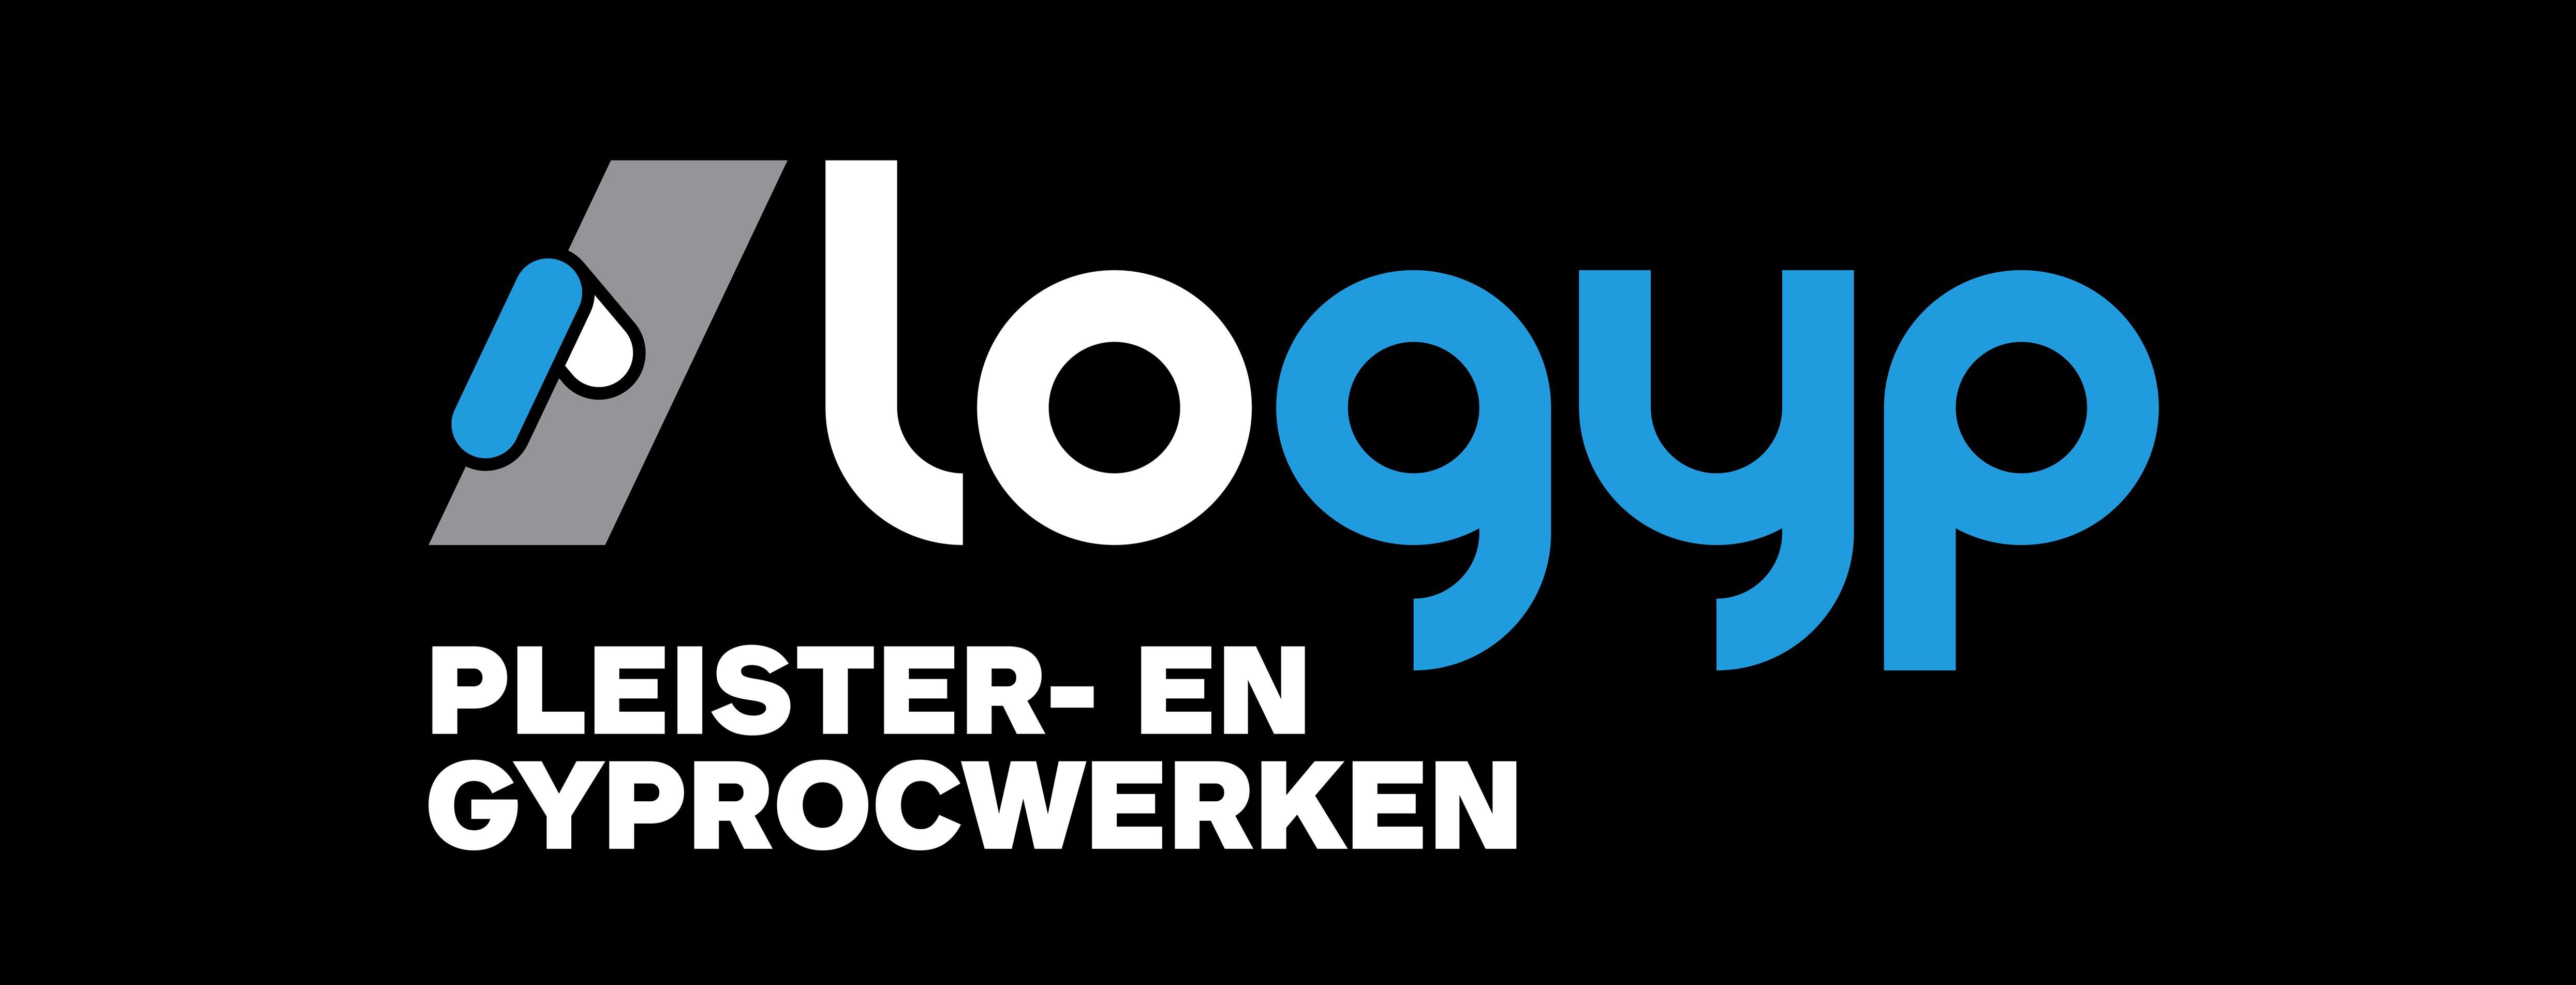 www.bezettingswerkenkempen.be